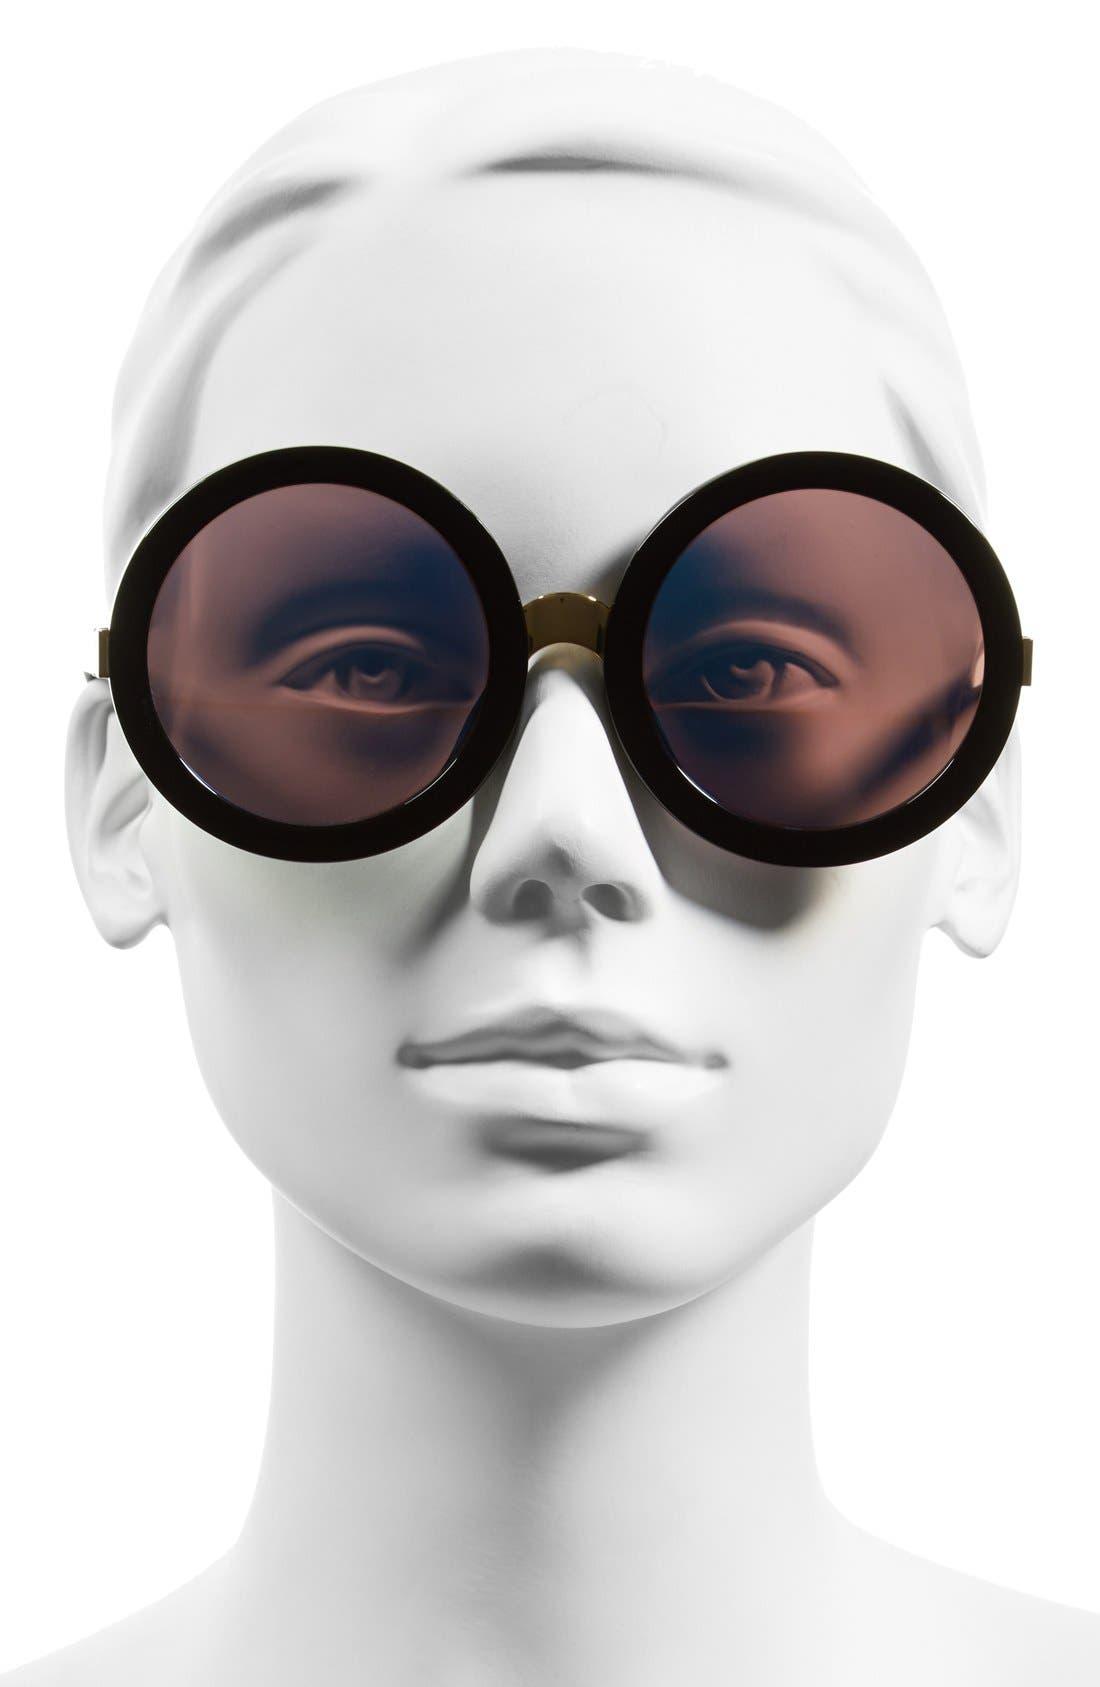 'Malibu Deluxe' 55mm Retro Sunglasses,                             Alternate thumbnail 2, color,                             BLACK